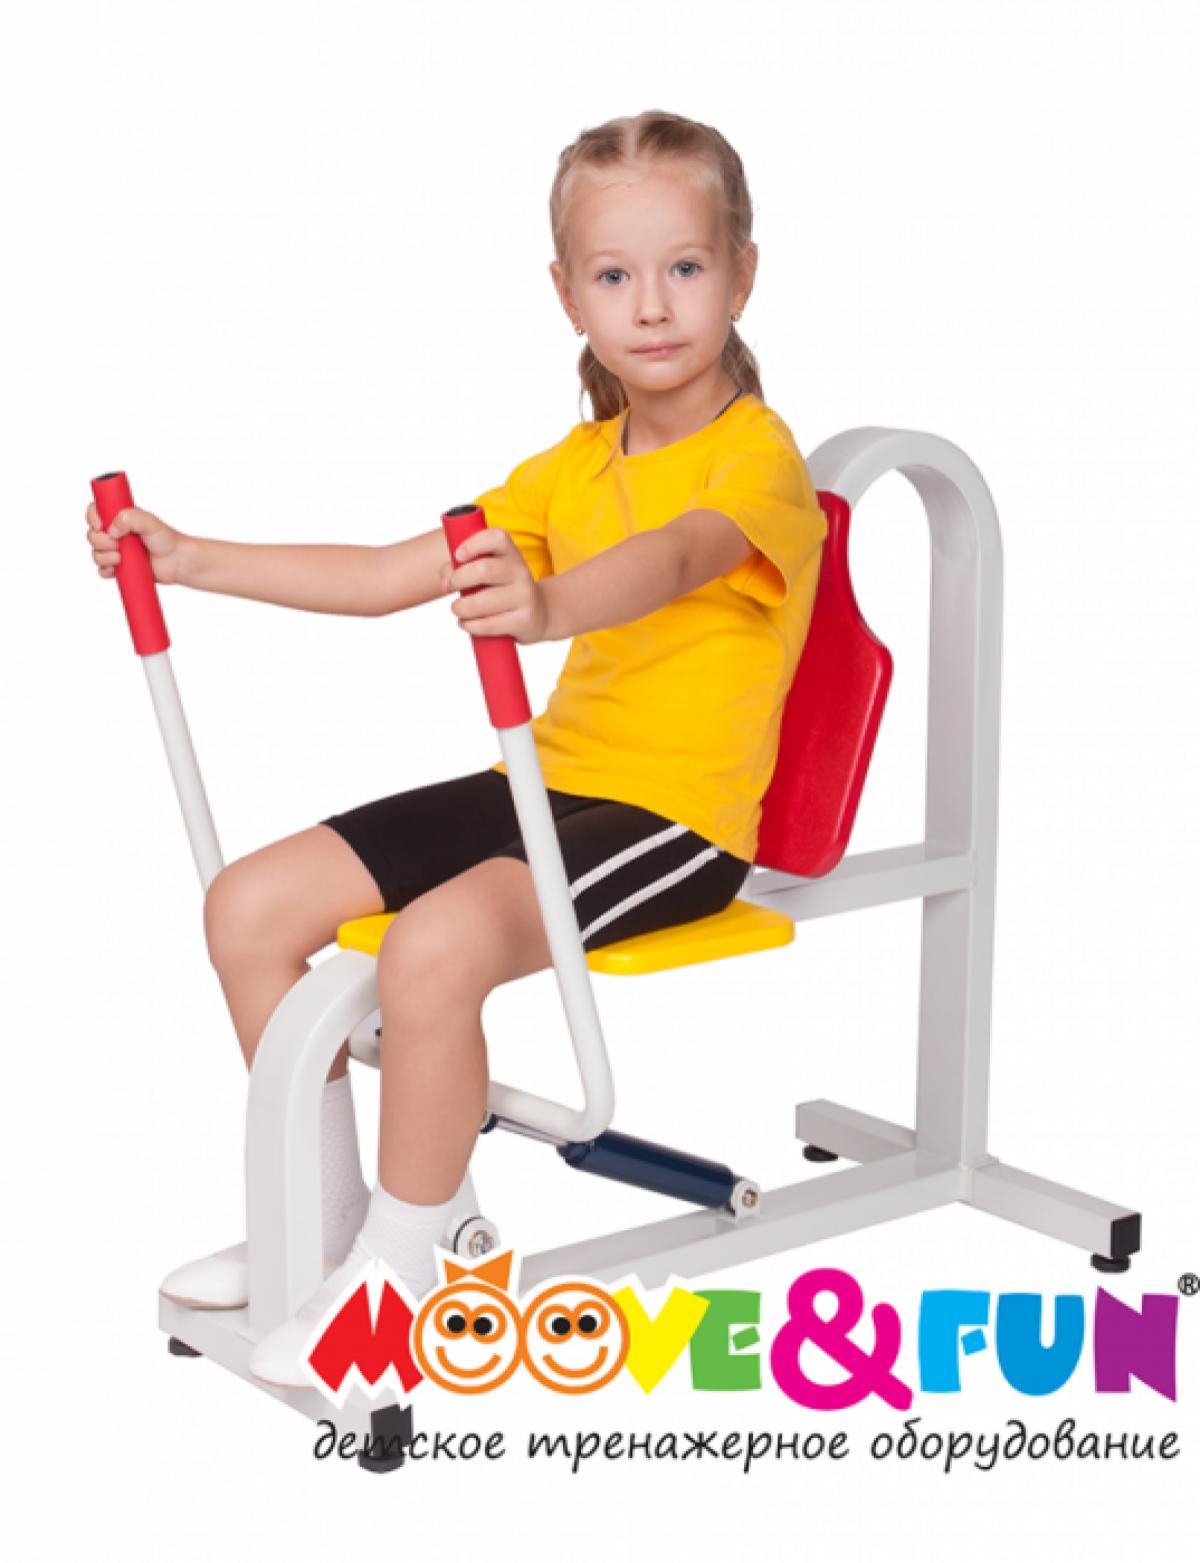 Подарок спортивный ребенку 38